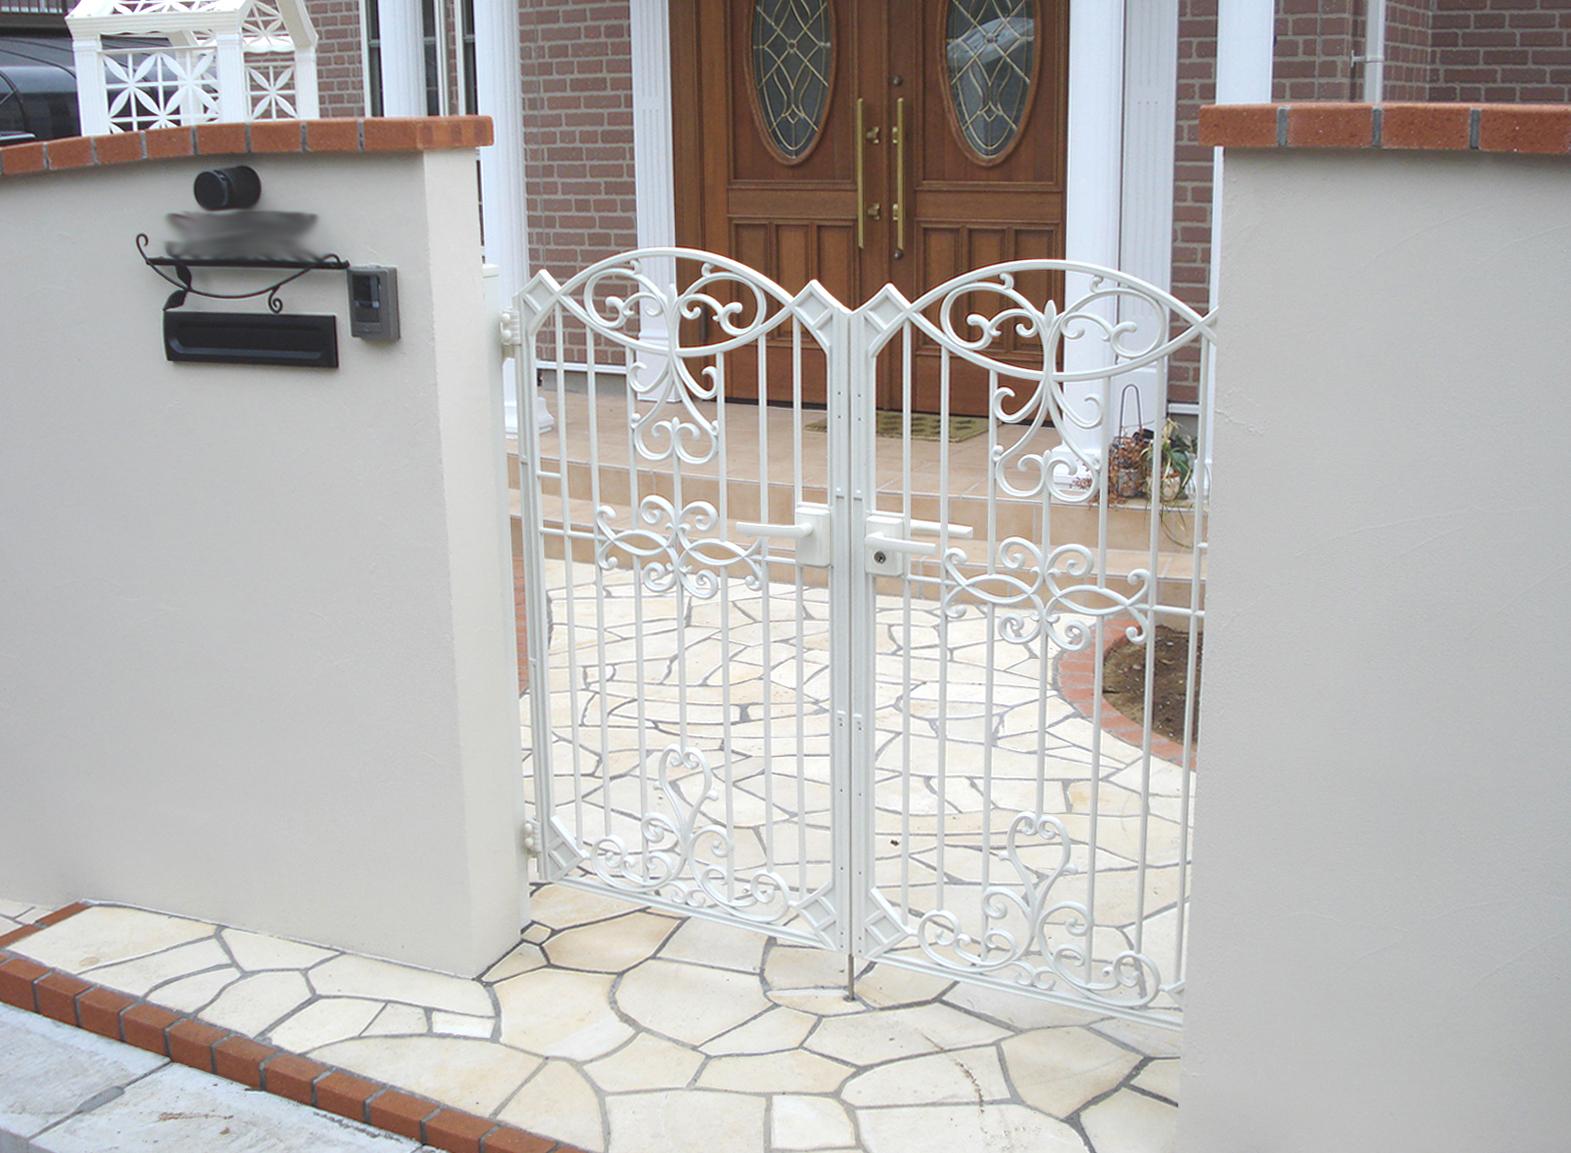 鋳物の門扉と曲線の壁<br>佐倉市S様邸6